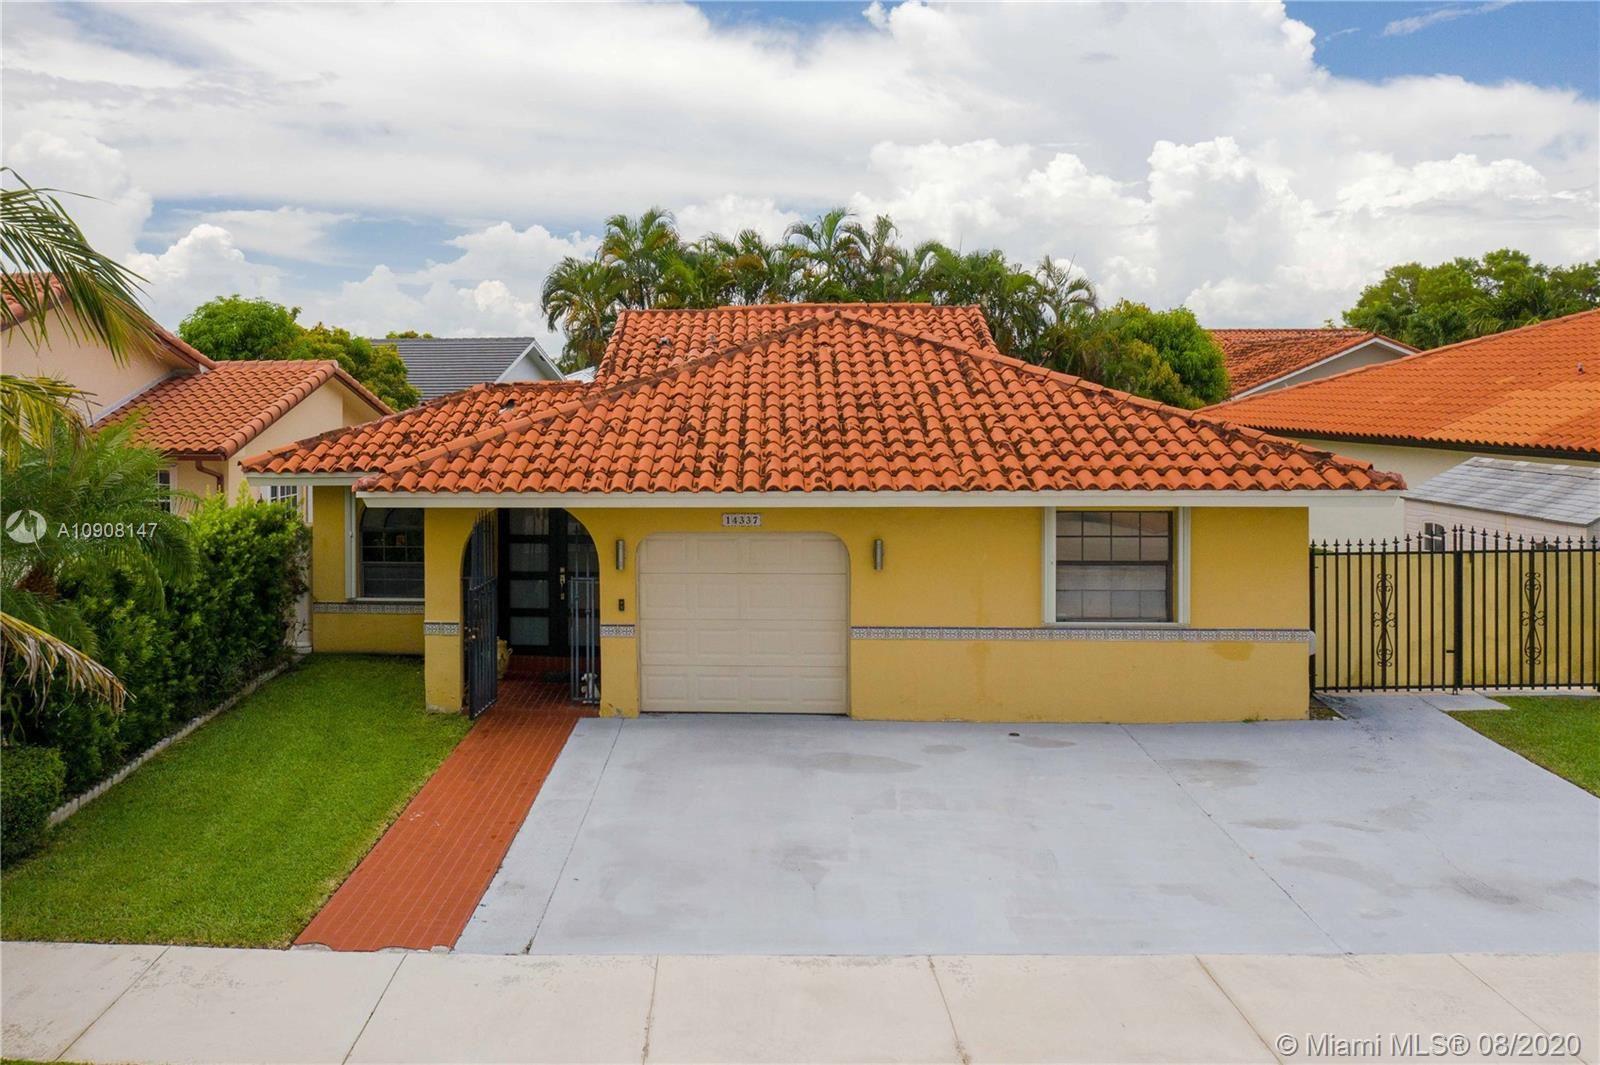 14337 SW 51st St, Miami, FL 33175 - #: A10908147